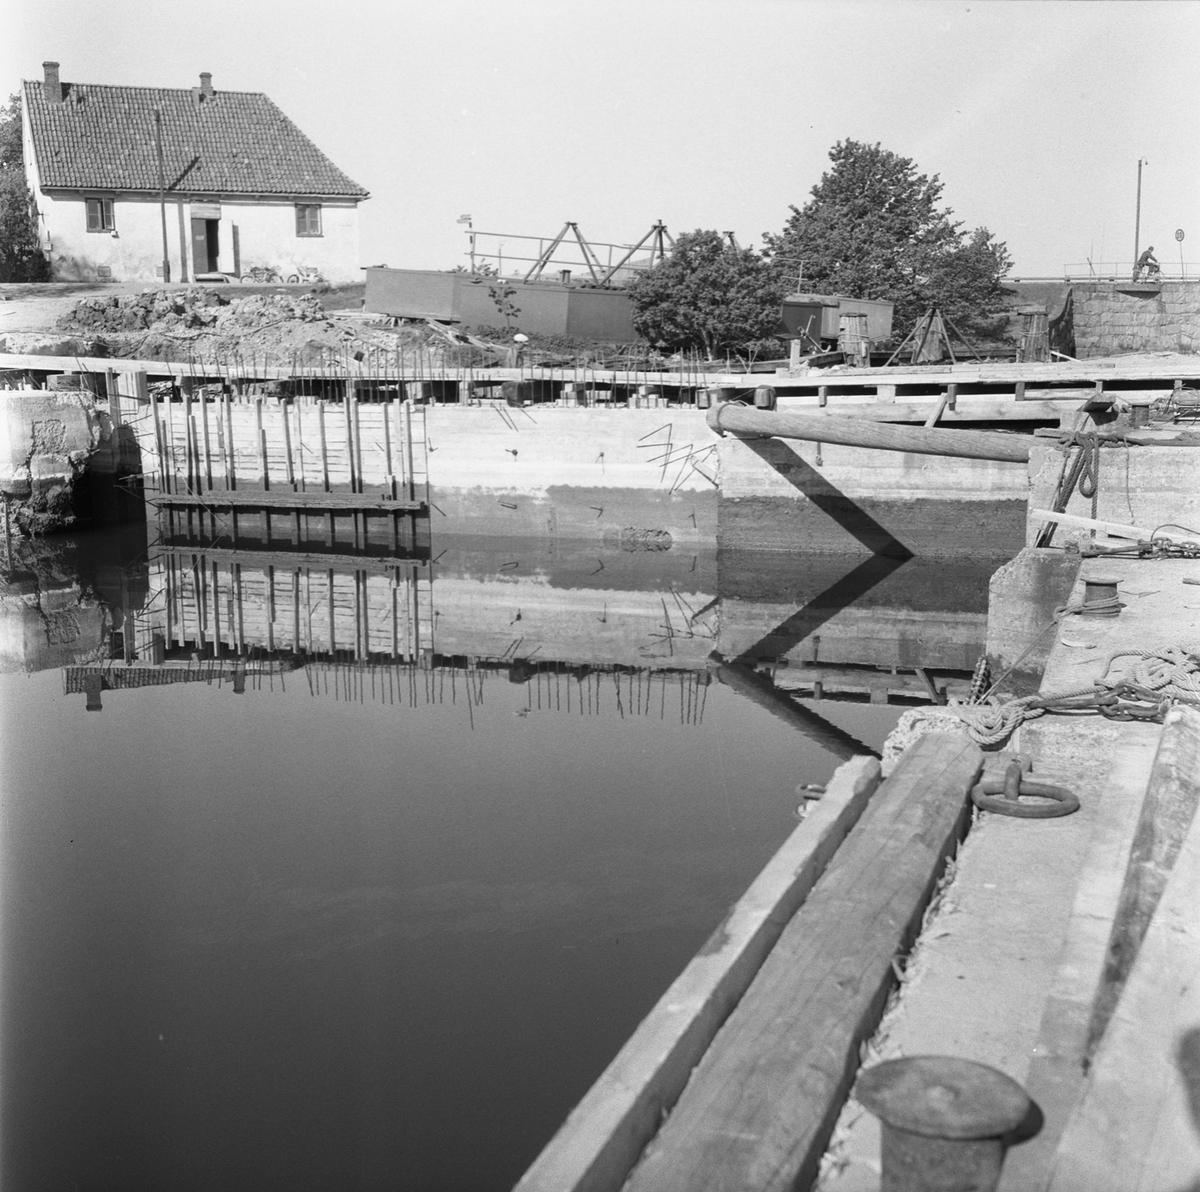 Övrigt: Fotodatum:21/5 1959 Byggnader och Kranar. Polhemsdockan (fångdammen)